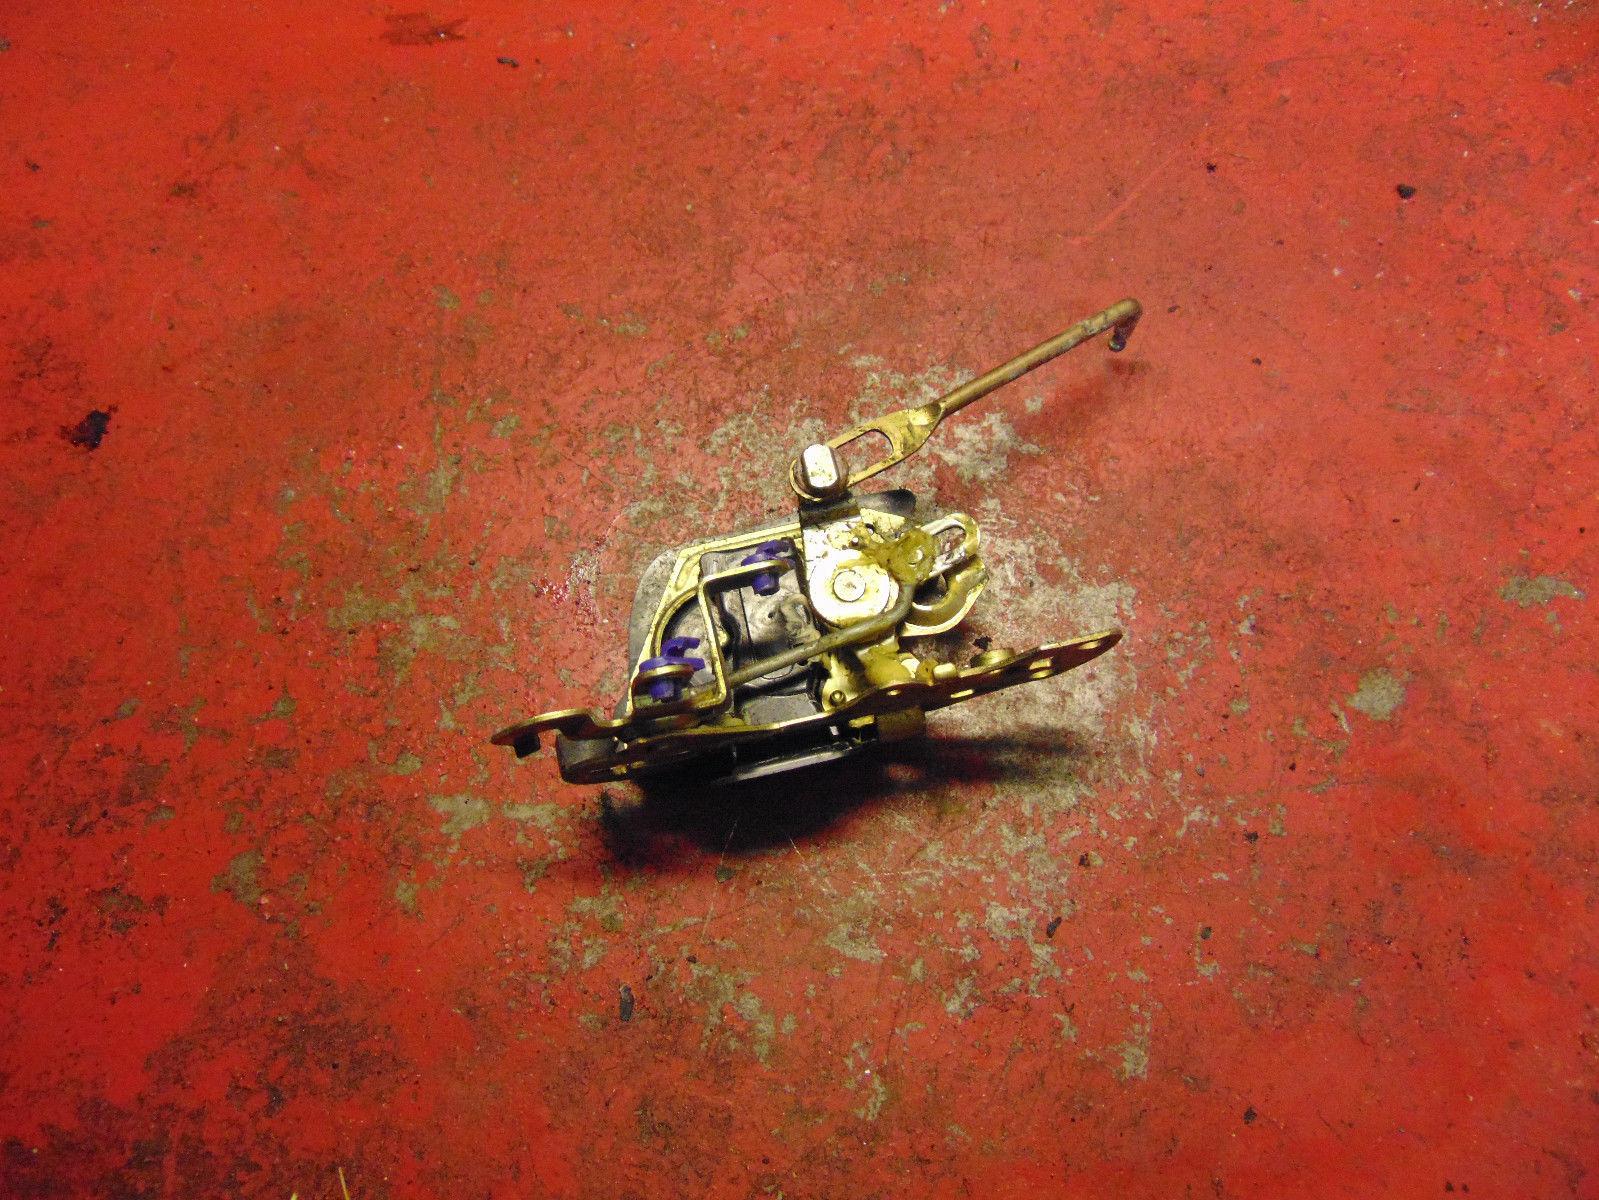 02 01 00 99 98 Isuzu Trooper drivers side left rear door power lock actuator